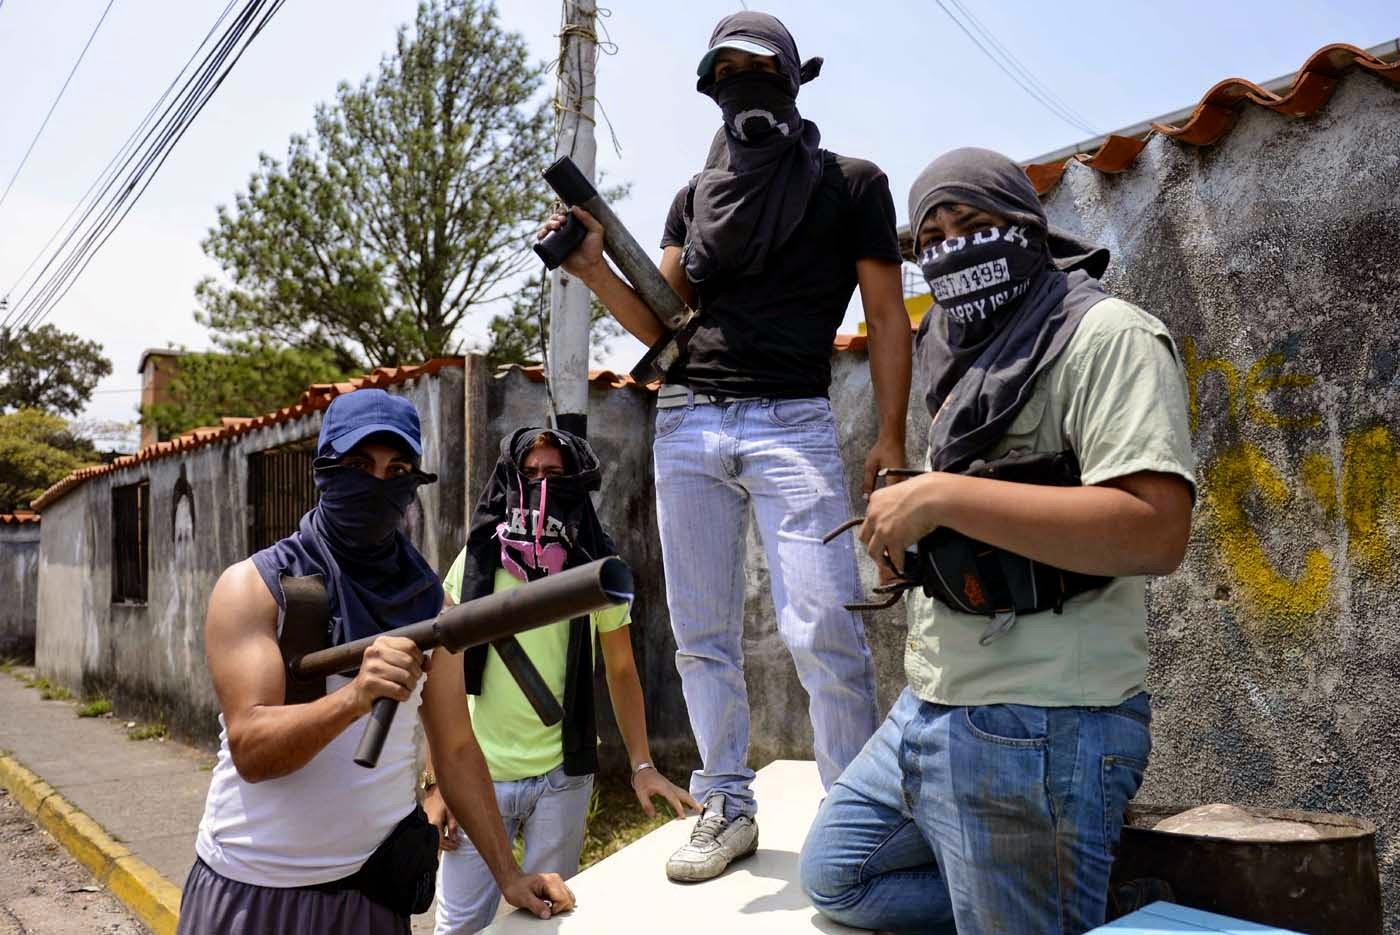 Amaury_gonzalez_vilera_dio_cabezazos_en_sus_puños_represion_evidente